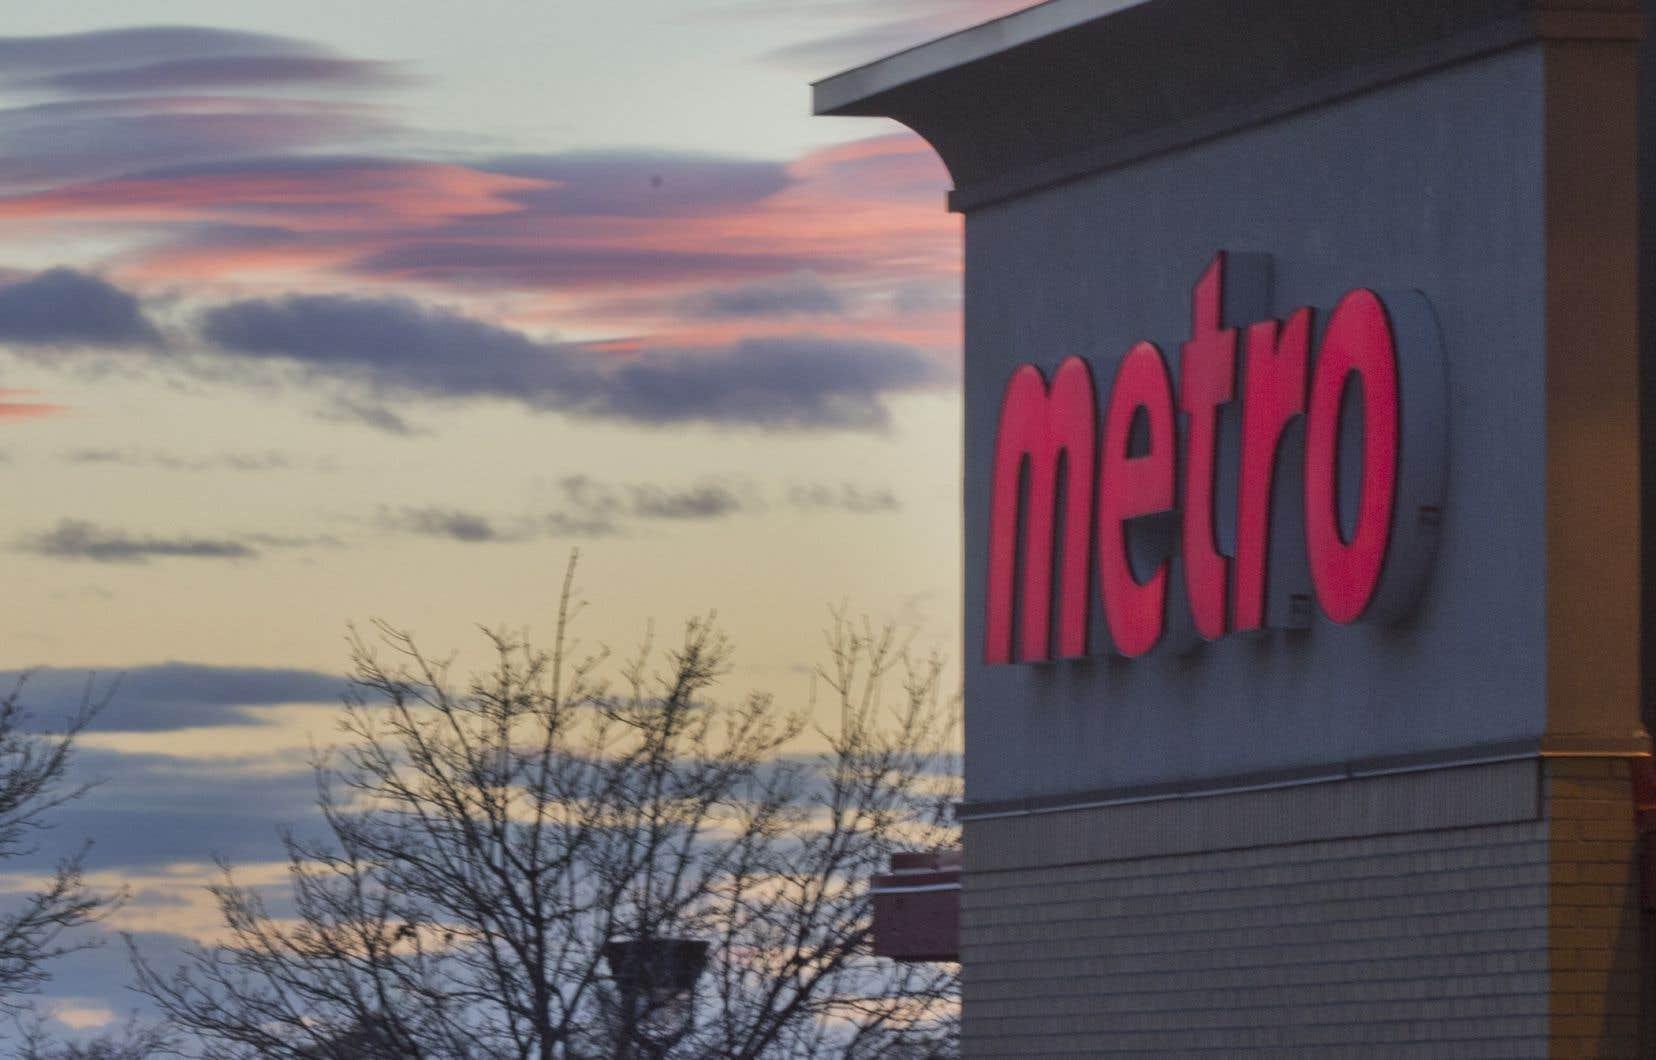 La hausse du chiffre d'affaires de Metro est de 125millions au cours des deux premières semaines de mars.